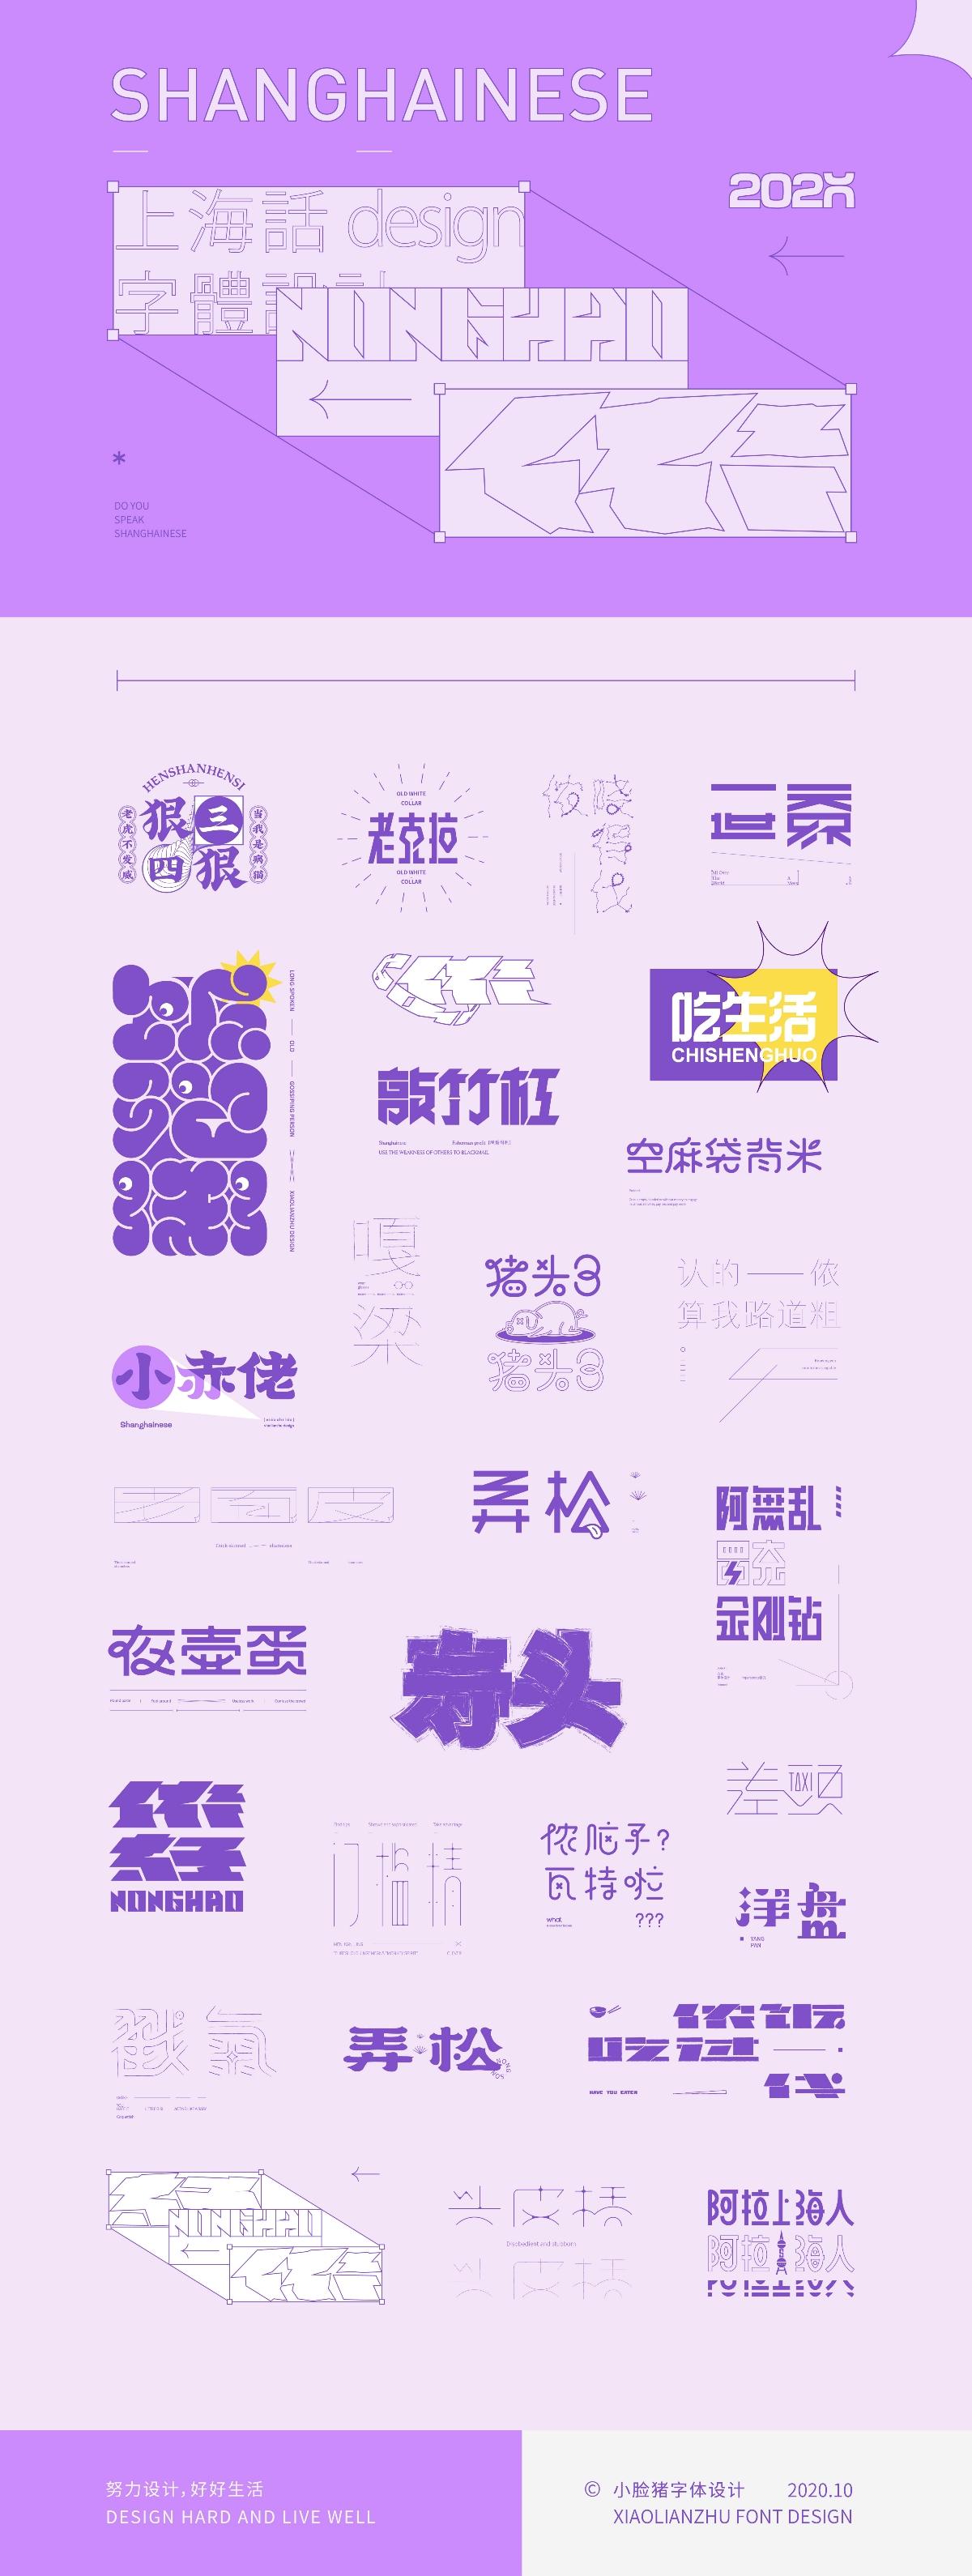 字体设计-上海话